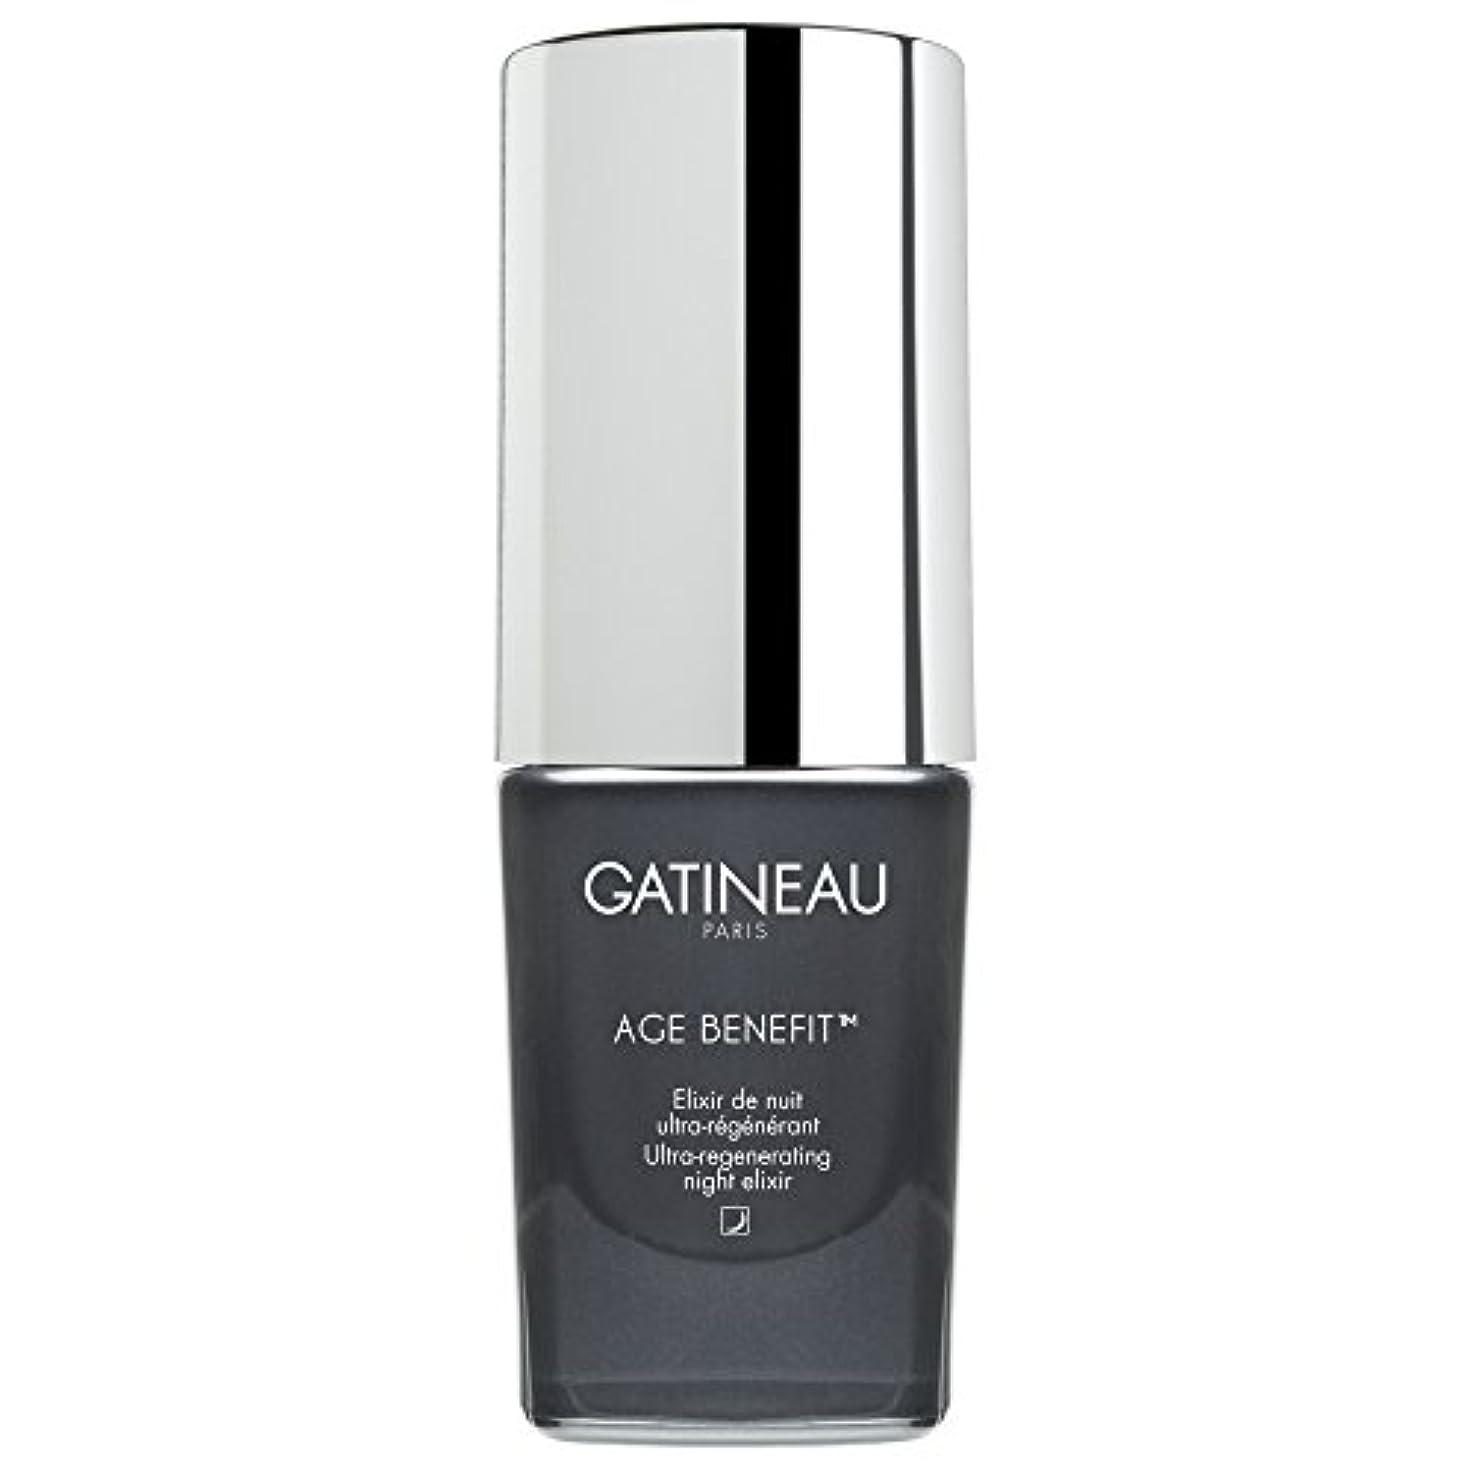 大いに昼間昼食ガティノー年齢給付超再生夜のエリクシルの15ミリリットル (Gatineau) (x6) - Gatineau Age Benefit Ultra-Regenerating Night Elixir 15ml (Pack...